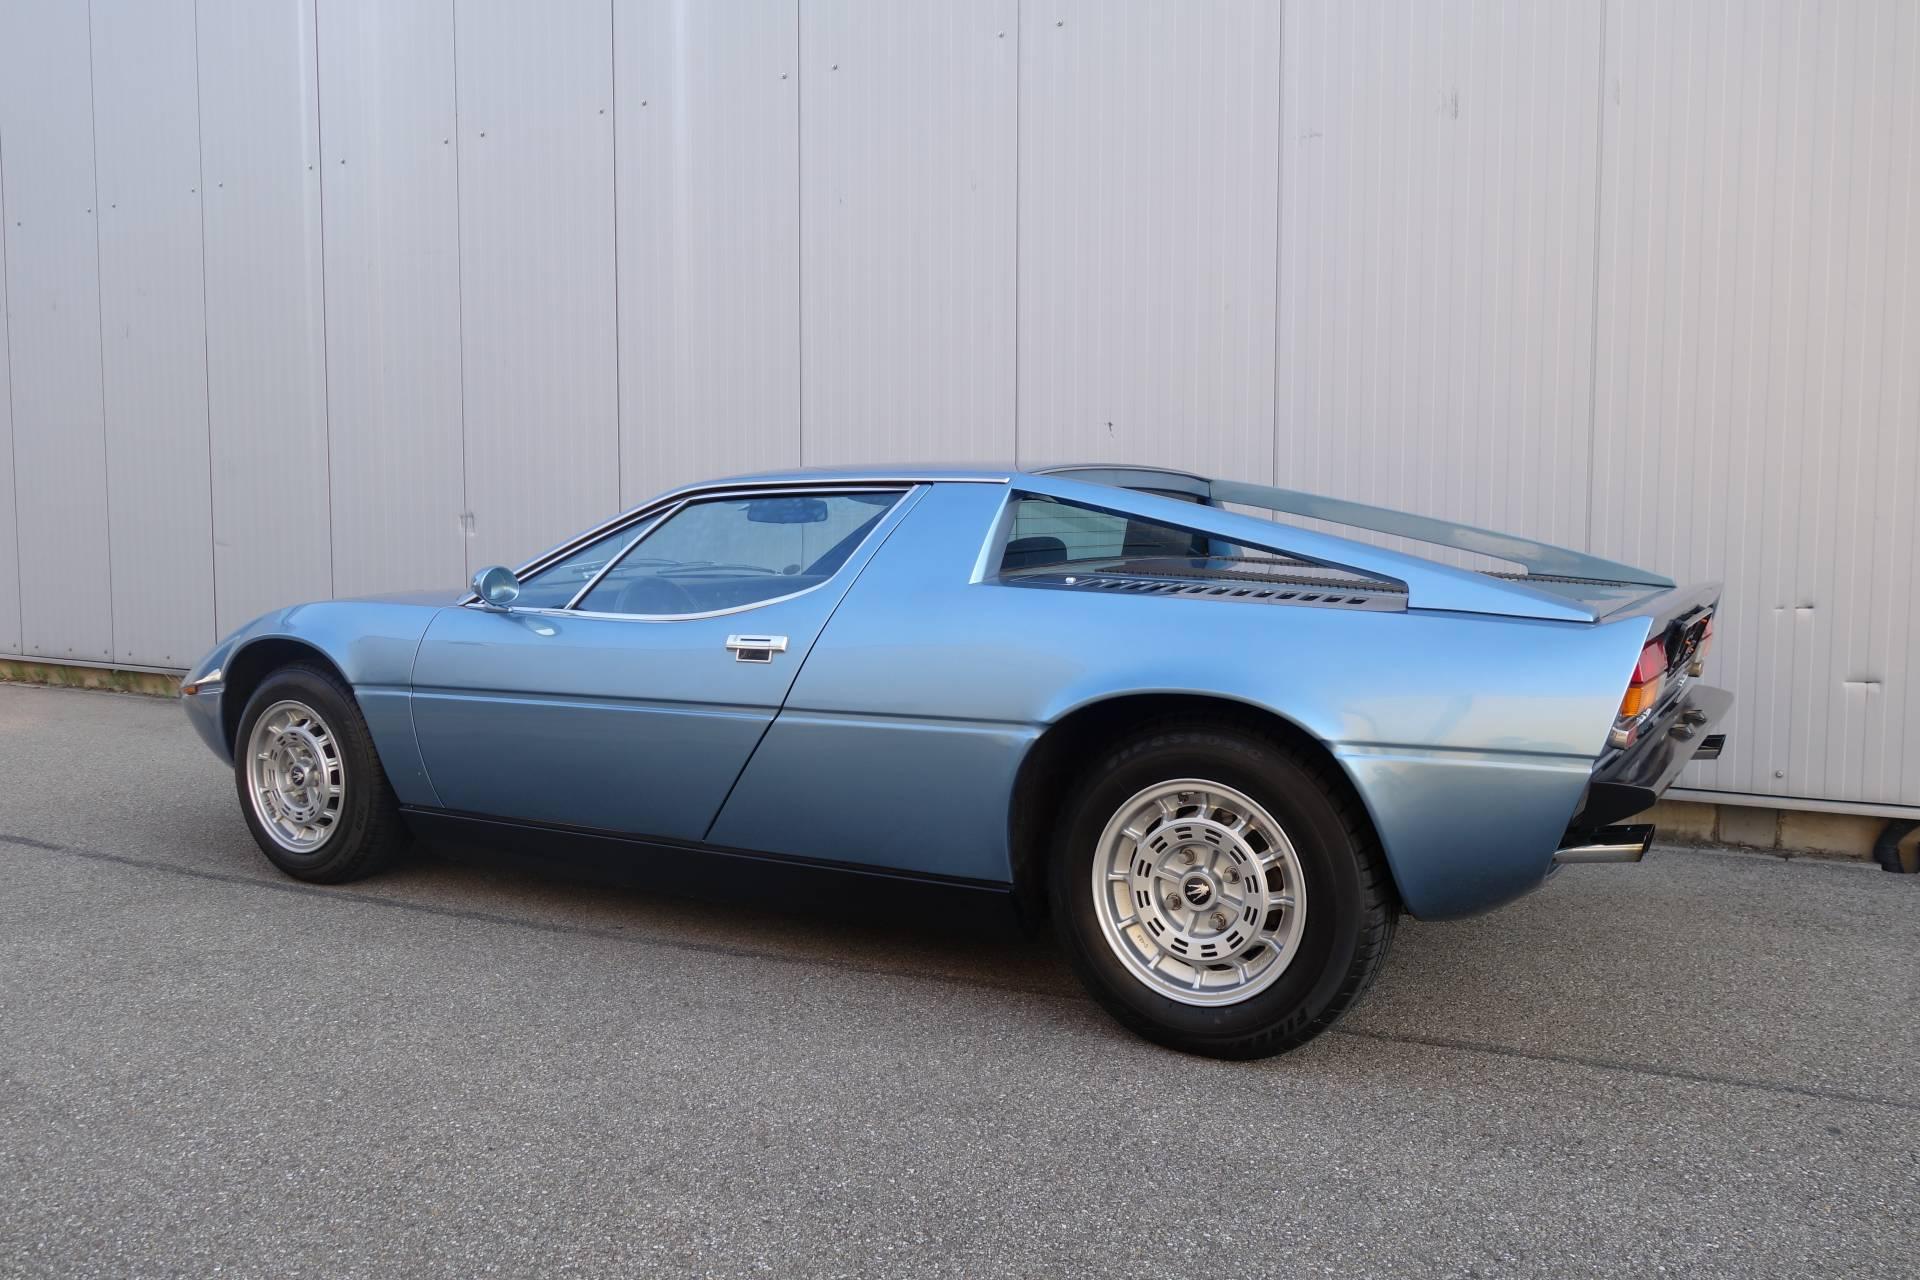 Maserati Merak 2000 GT (1982) für 65.900 EUR kaufen